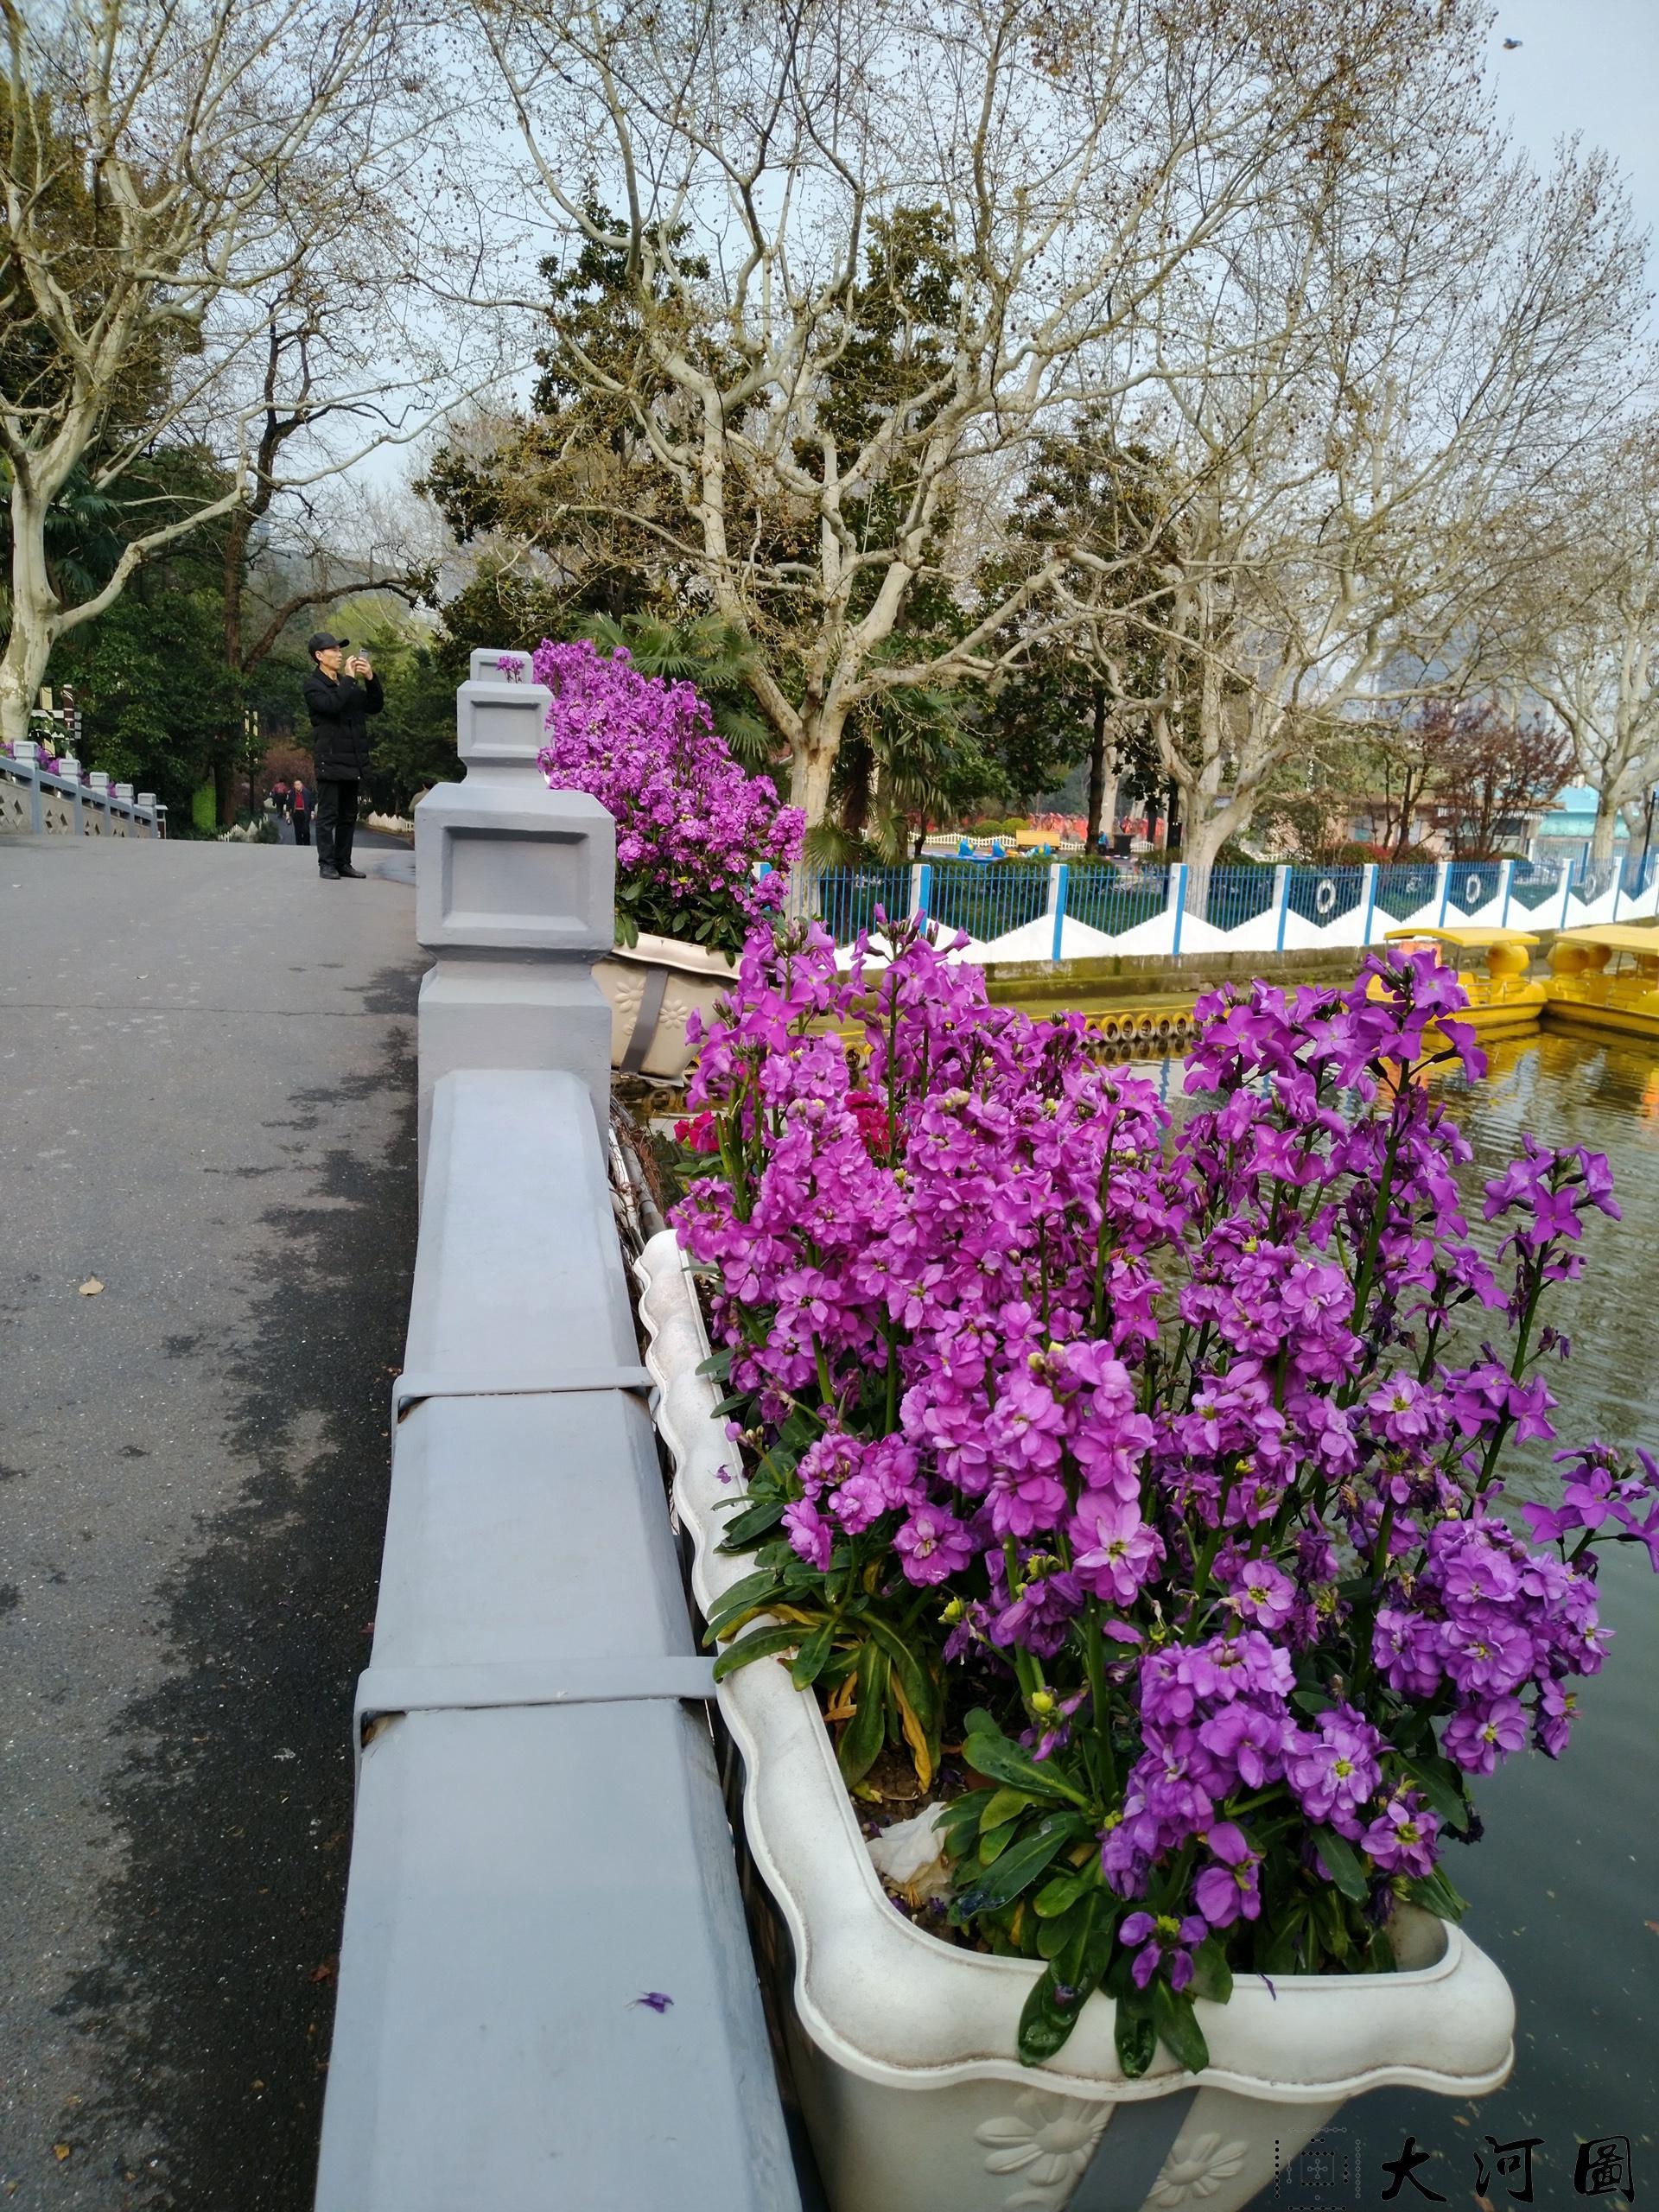 上海长风公园初春之景色幽暗灰沉 摄影 第11张